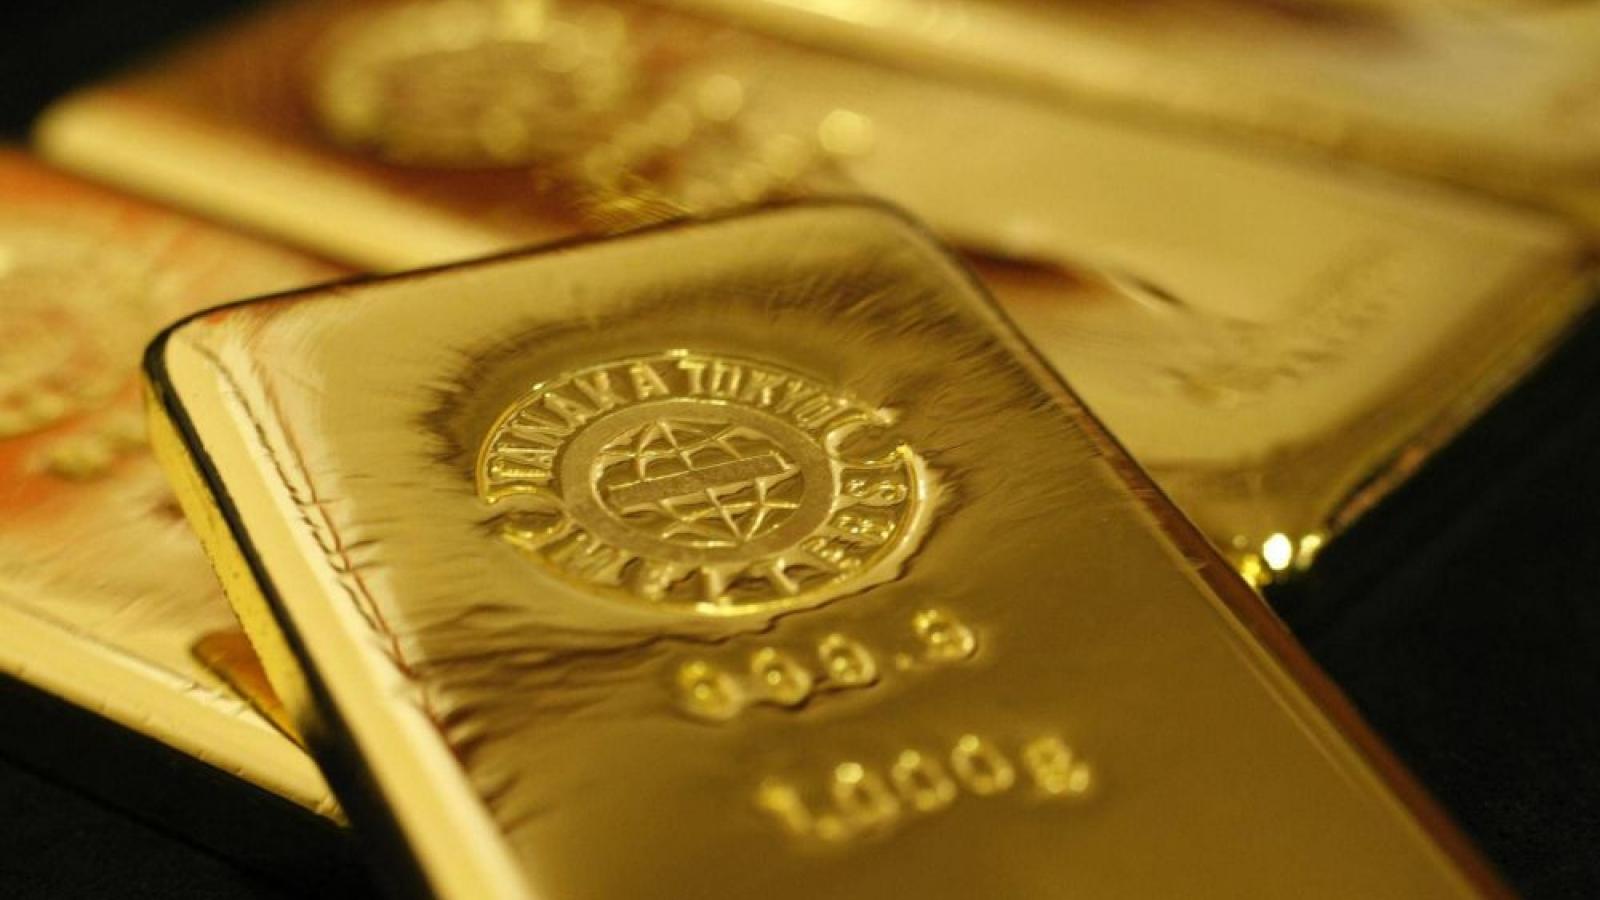 Giá bán vàng SJC cao hơn vàng thế giới gần 9,4 triệu đồng/lượng